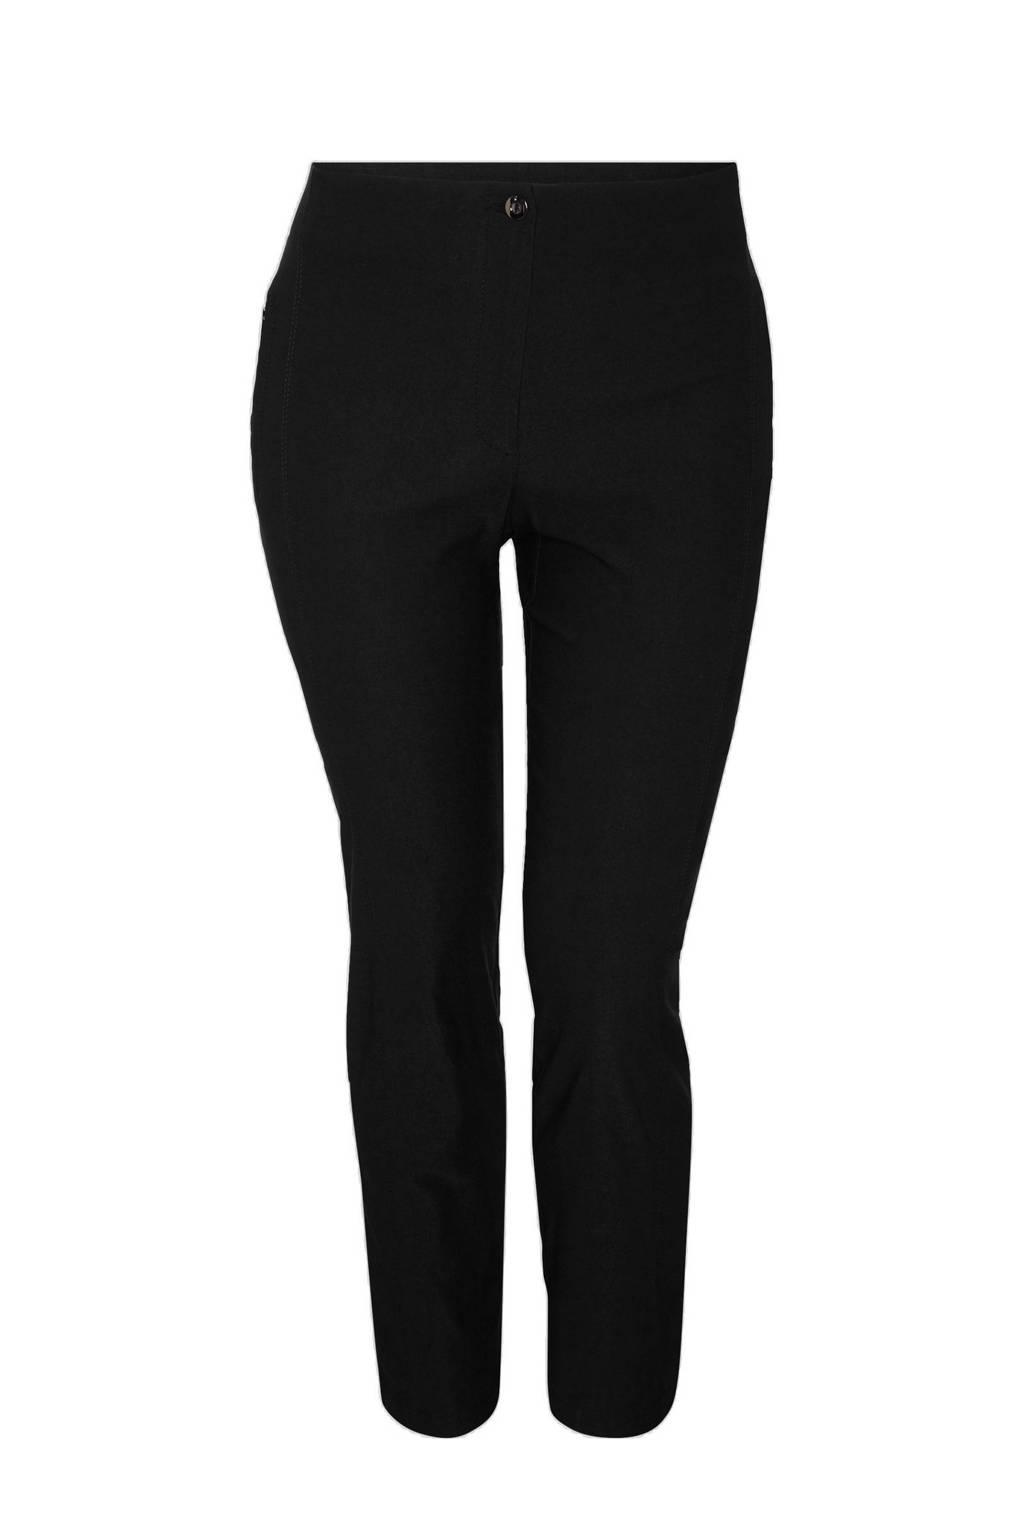 C&A XL Yessica high waist skinny tregging zwart, Zwart